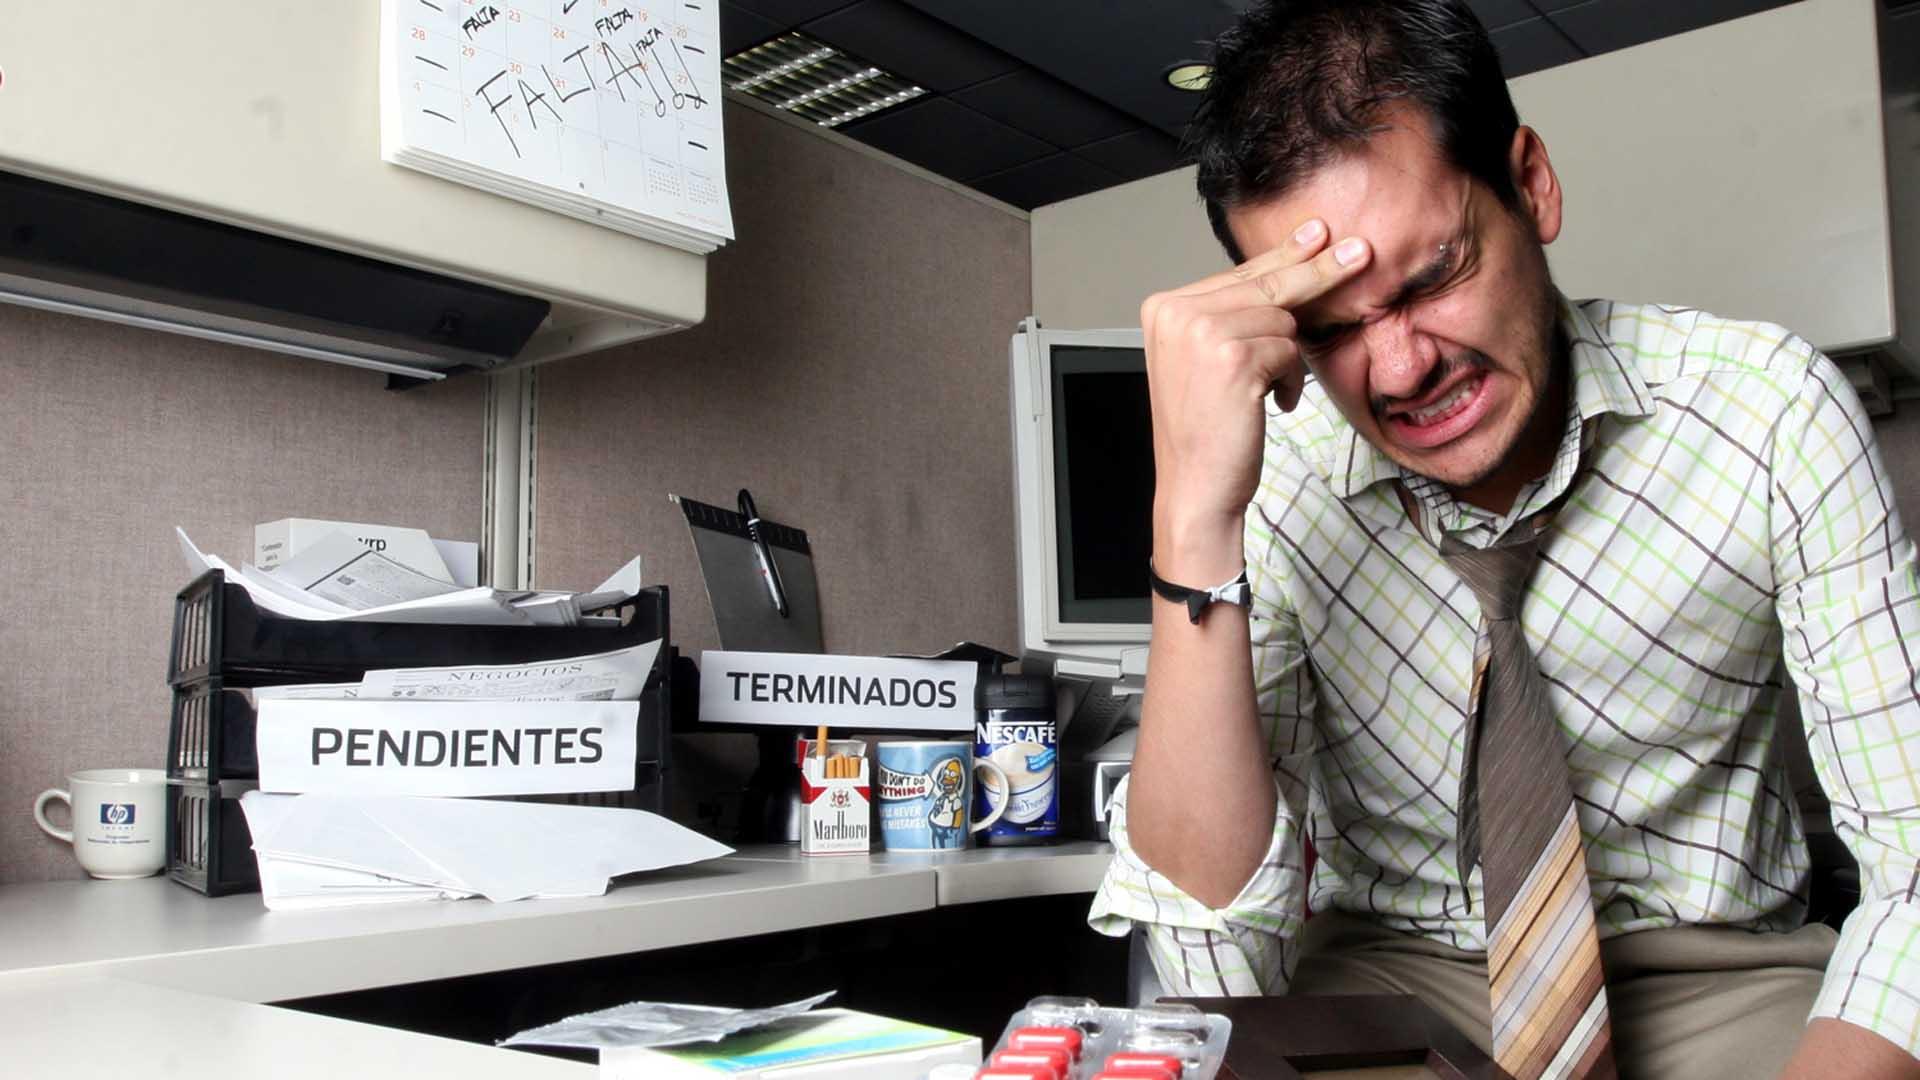 ¿Puede el estrés laboral generar adicciones?